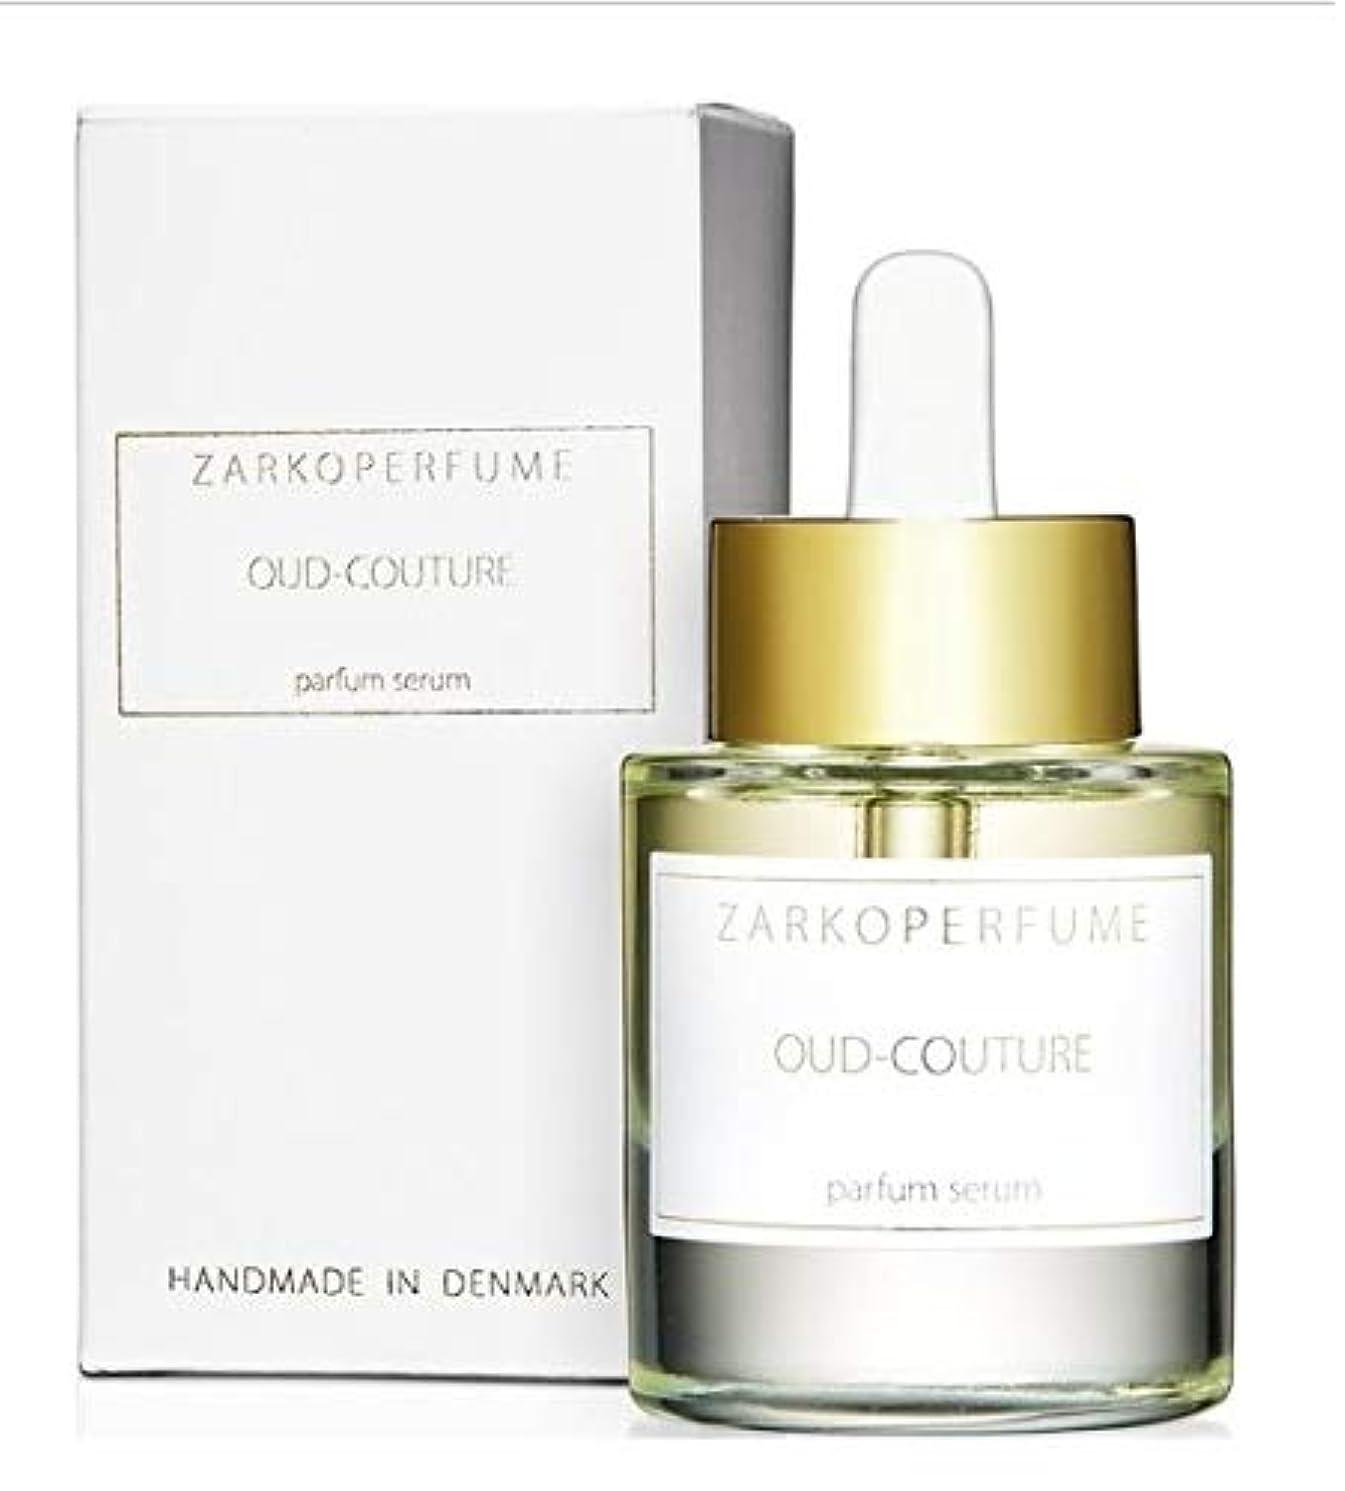 奇妙な走る防腐剤Zarkoperfume Oud-Couture Parfum Serum 1 oz./30 ml New in Box (no spray)